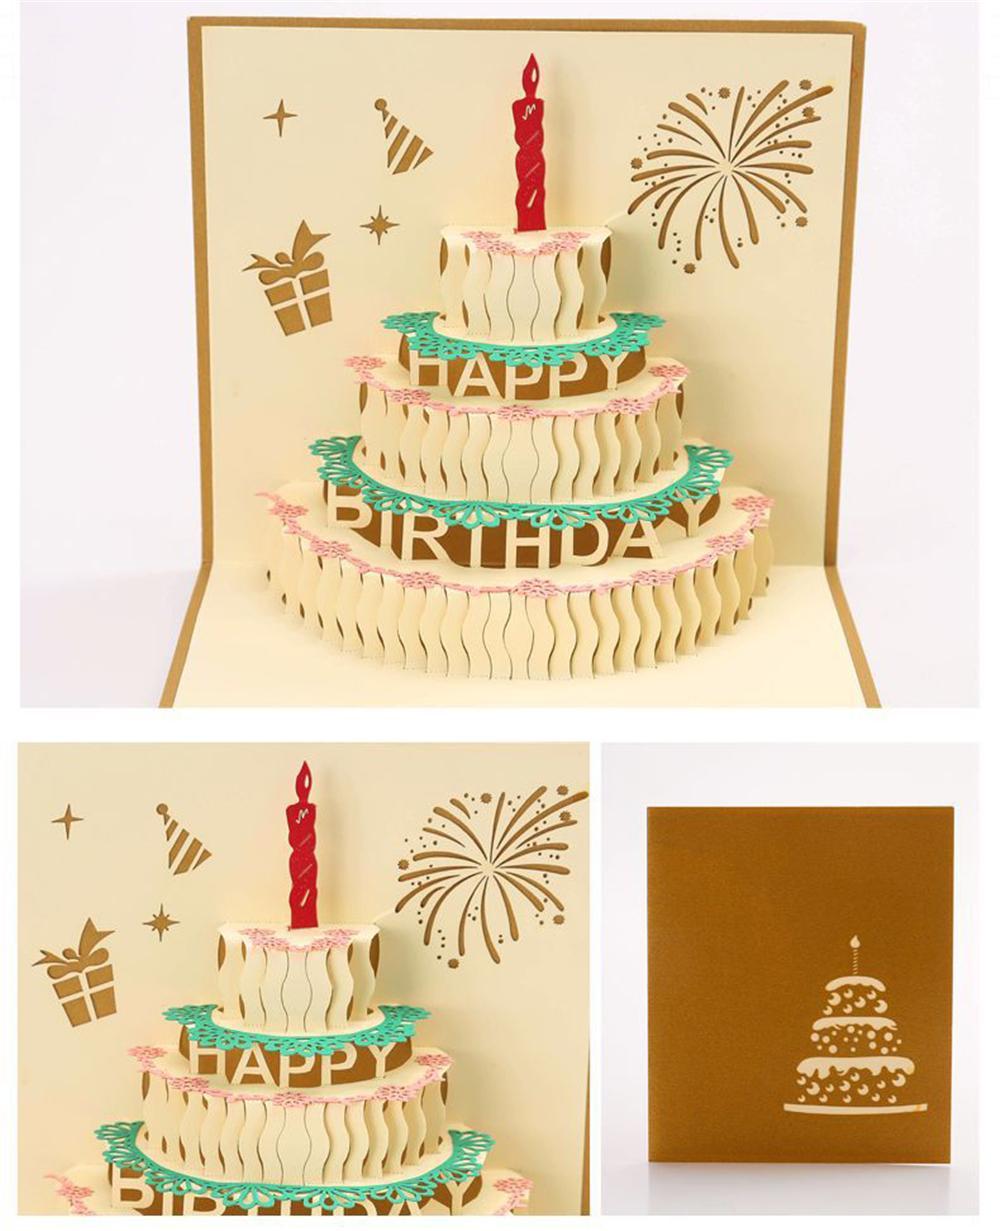 Оптовая продажа 3D поздравительная открытка ручной работы одиночные свечи на день рождения 1 карта 3D творческая бумага резьба карты индивидуальные HK009